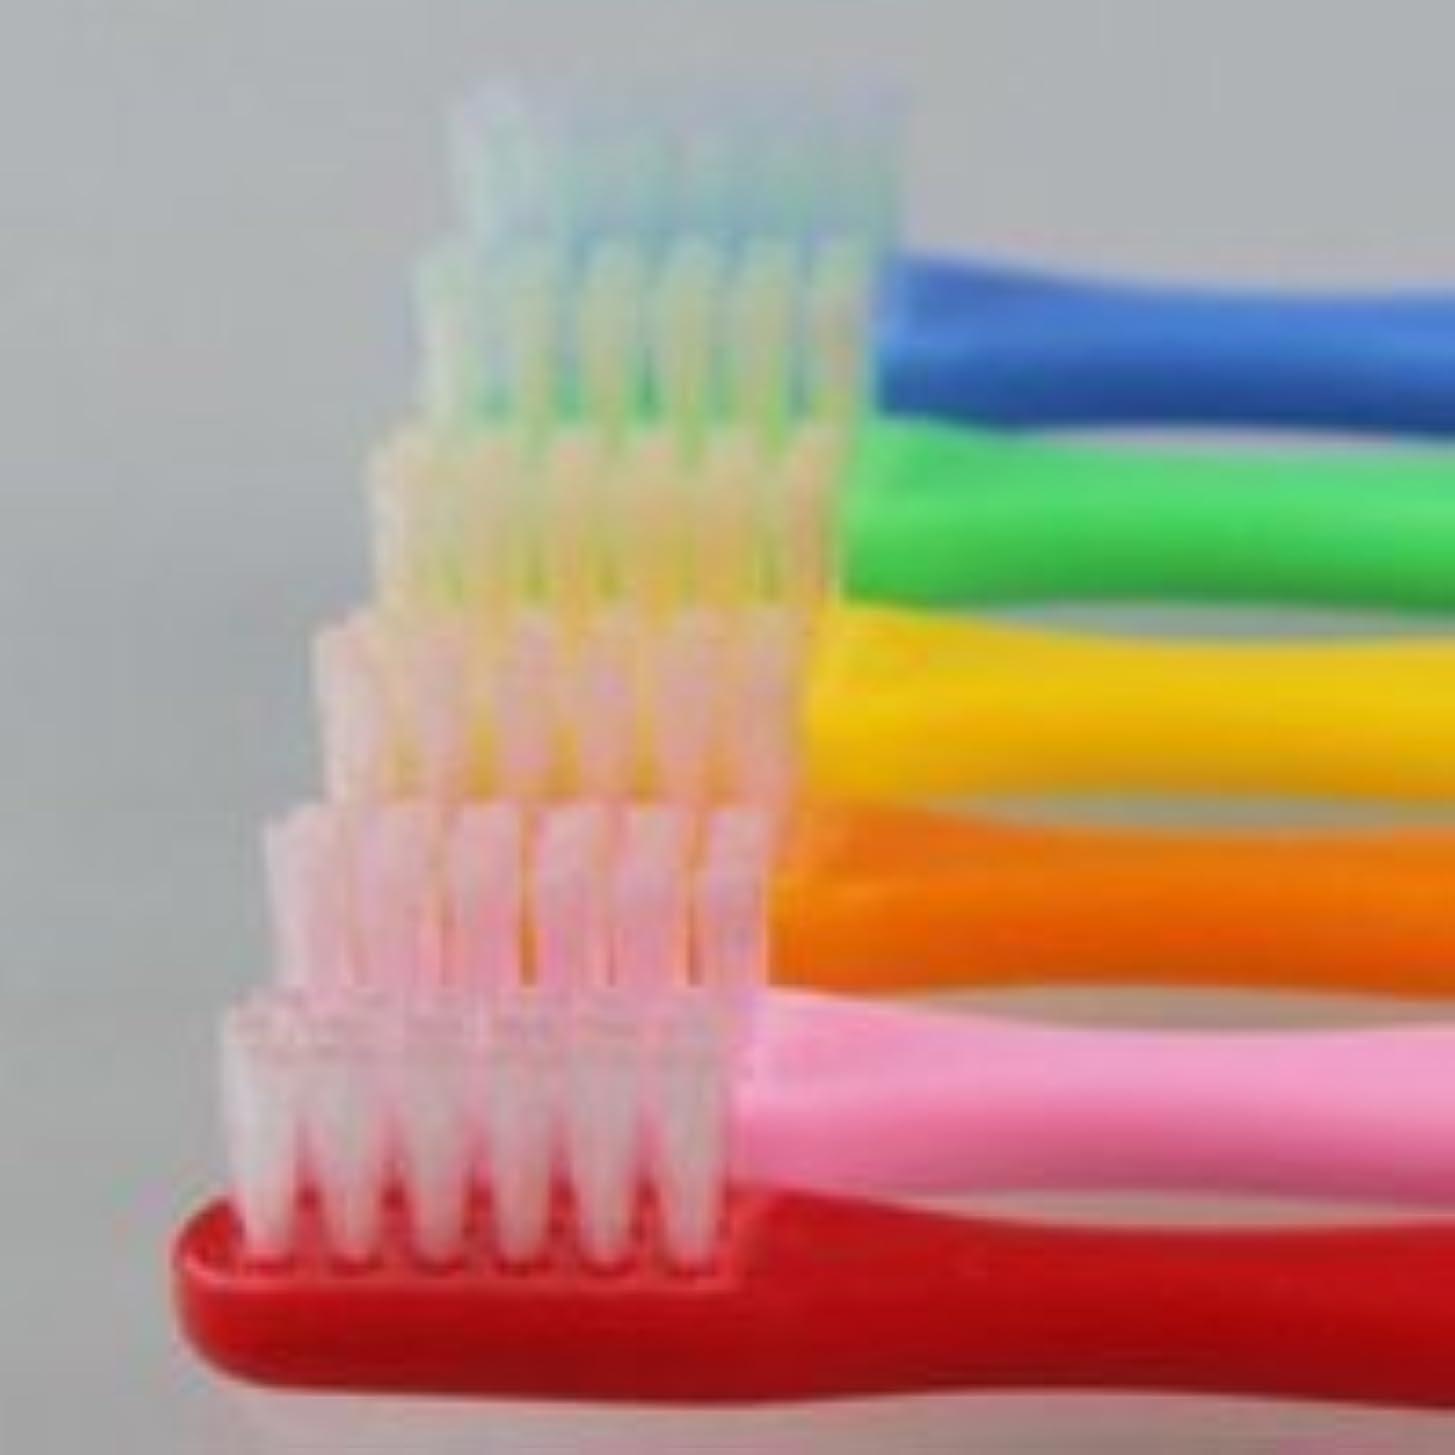 気味の悪いプランテーション足サムフレンド 歯ブラシ #10(乳歯~6才向け) 6本 ※お色は当店お任せです